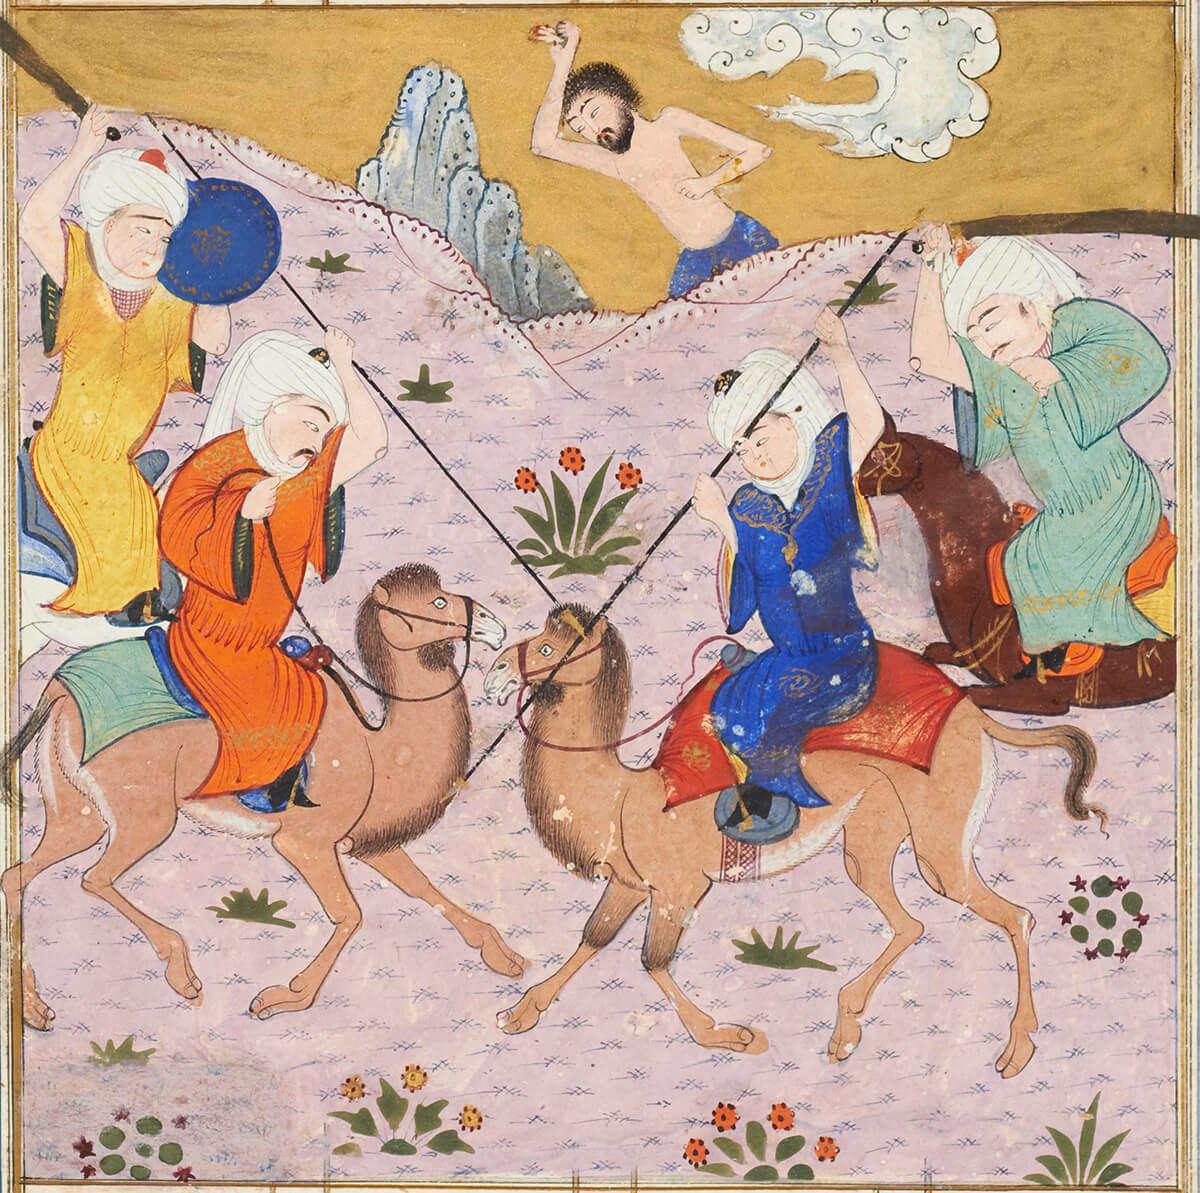 La bataille des clans de Nawfal et de Layla